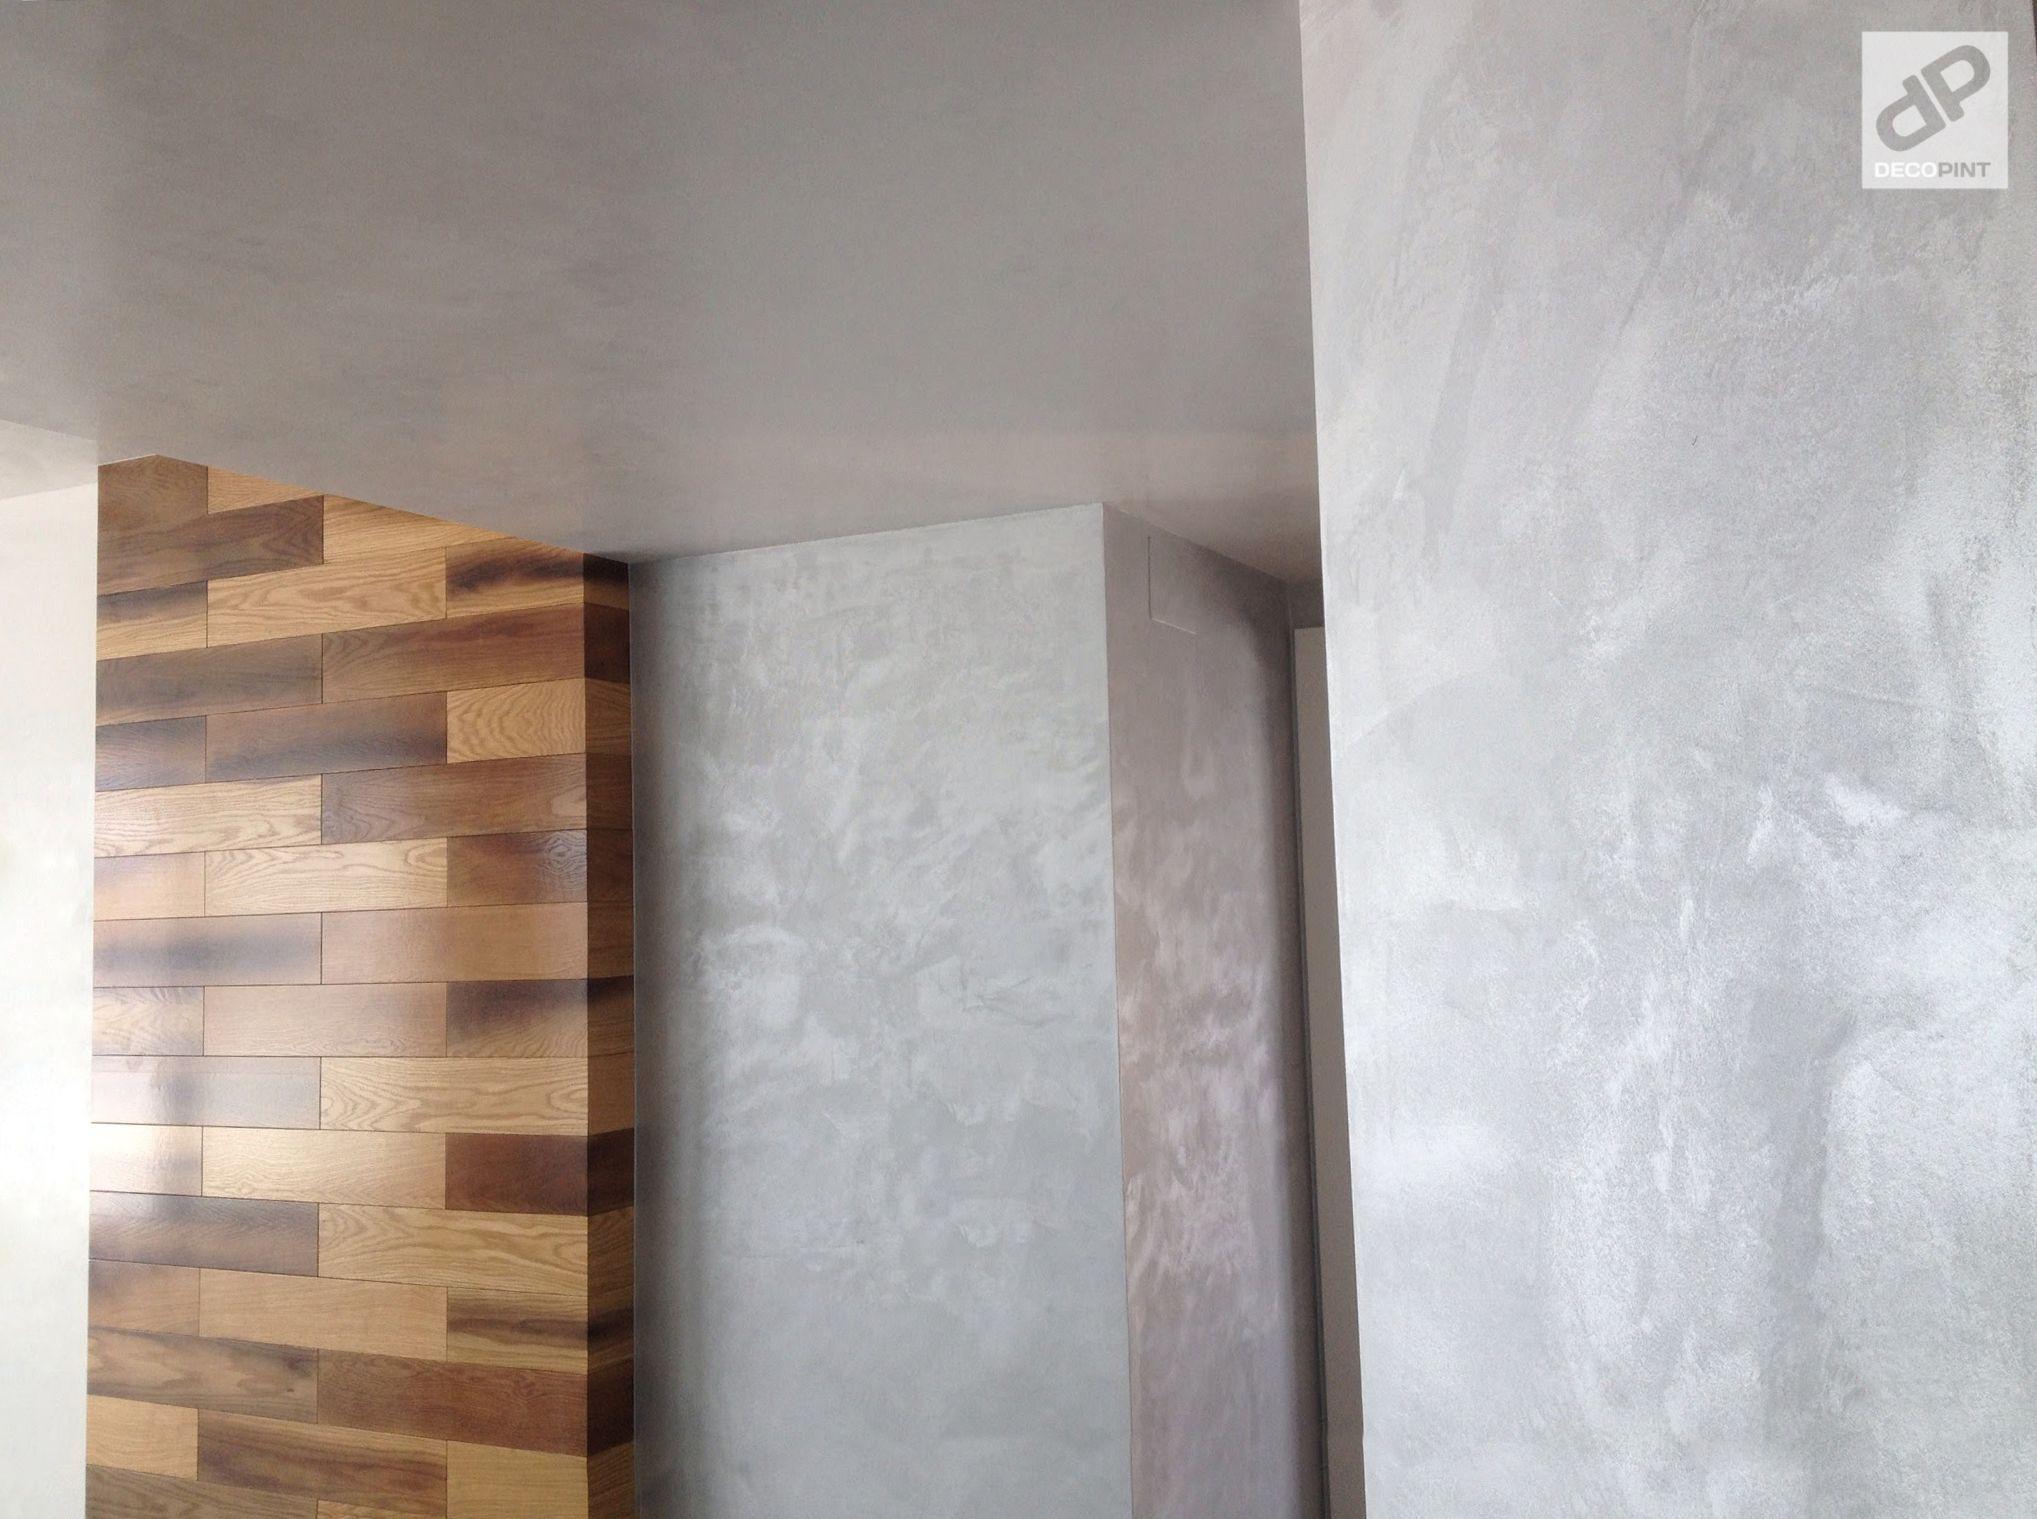 Proyecto estuco veneciano efecto madera - Decopint Pintura ...